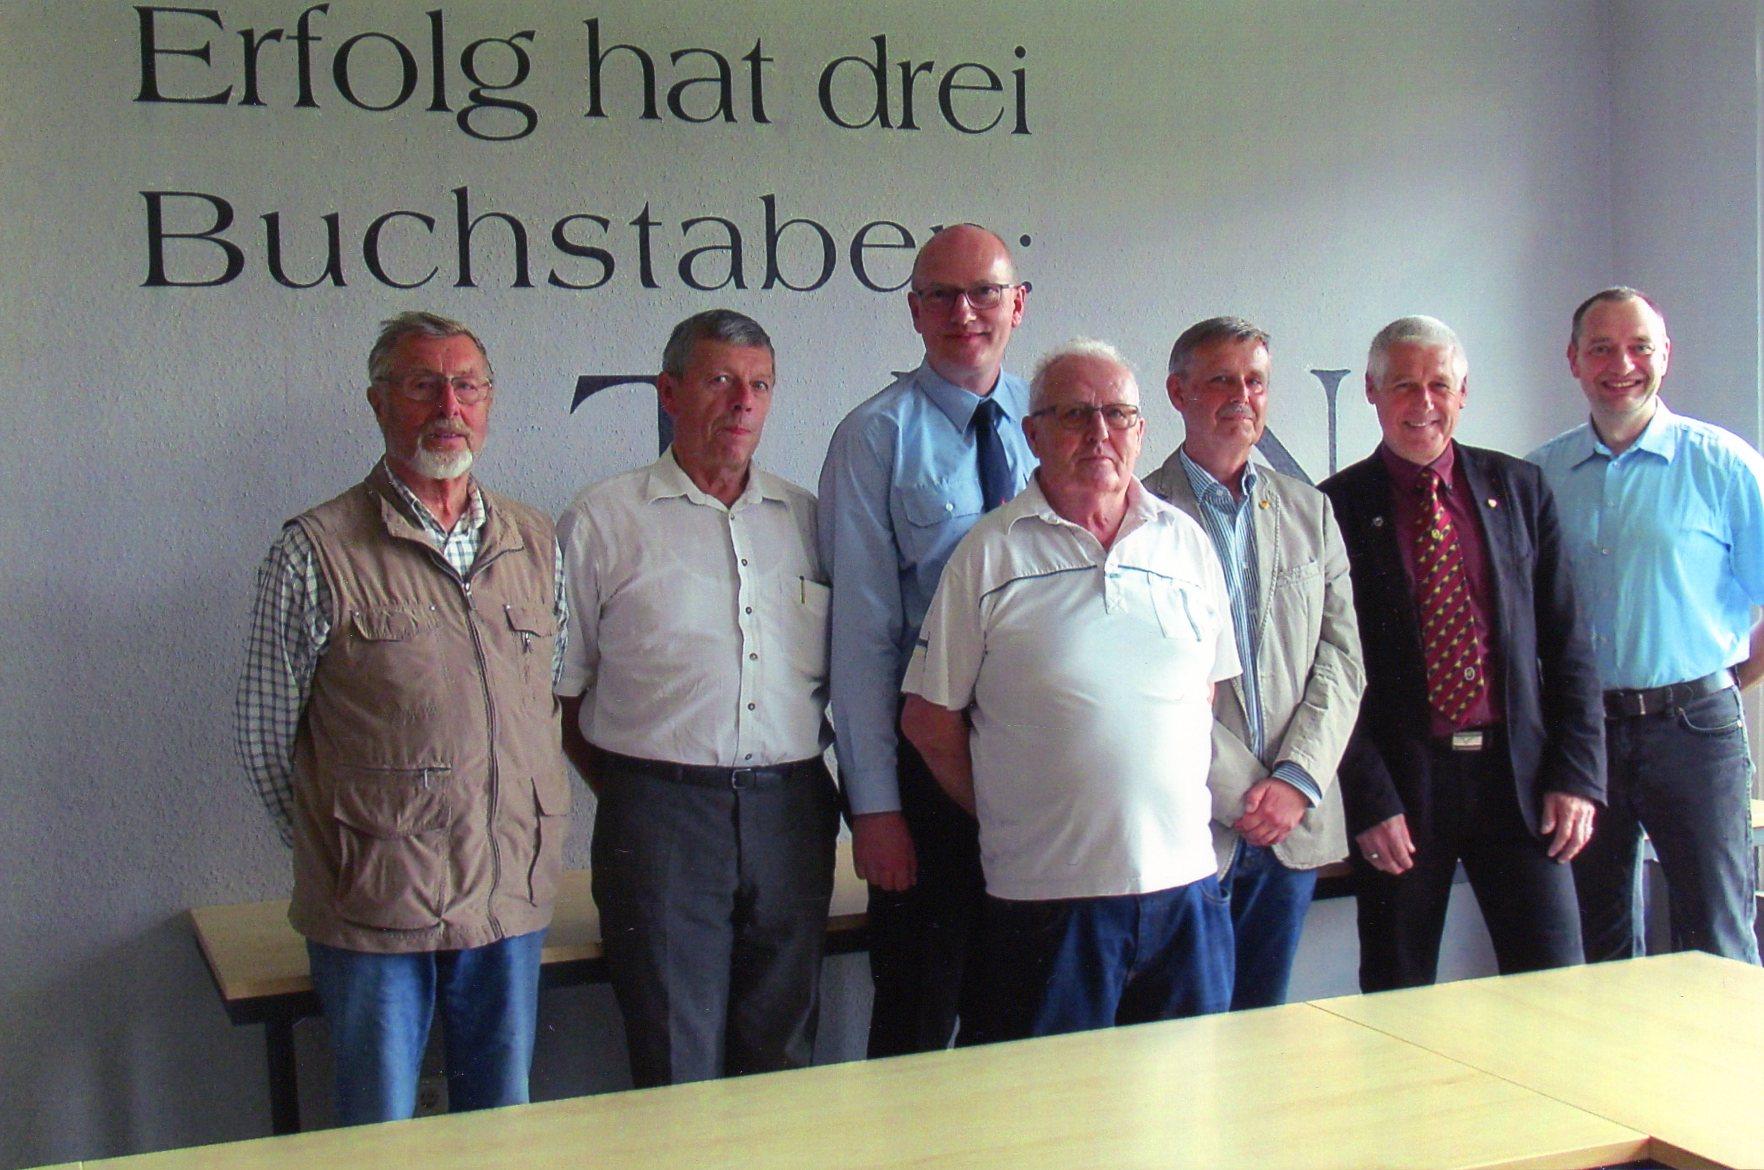 von links: Karl Bortenlänger(Beisitzer), Johann Salb(Beisitzer),Michael Thomas(Schriftführer),Harry Bohl(Ehrenvorsitzender und Beisitzer), Wolfgang Hagedorn(1.Vorsitzender), Reinhold Klein(2.Vorsitzender), Oliver Hübel(Kassenwart)